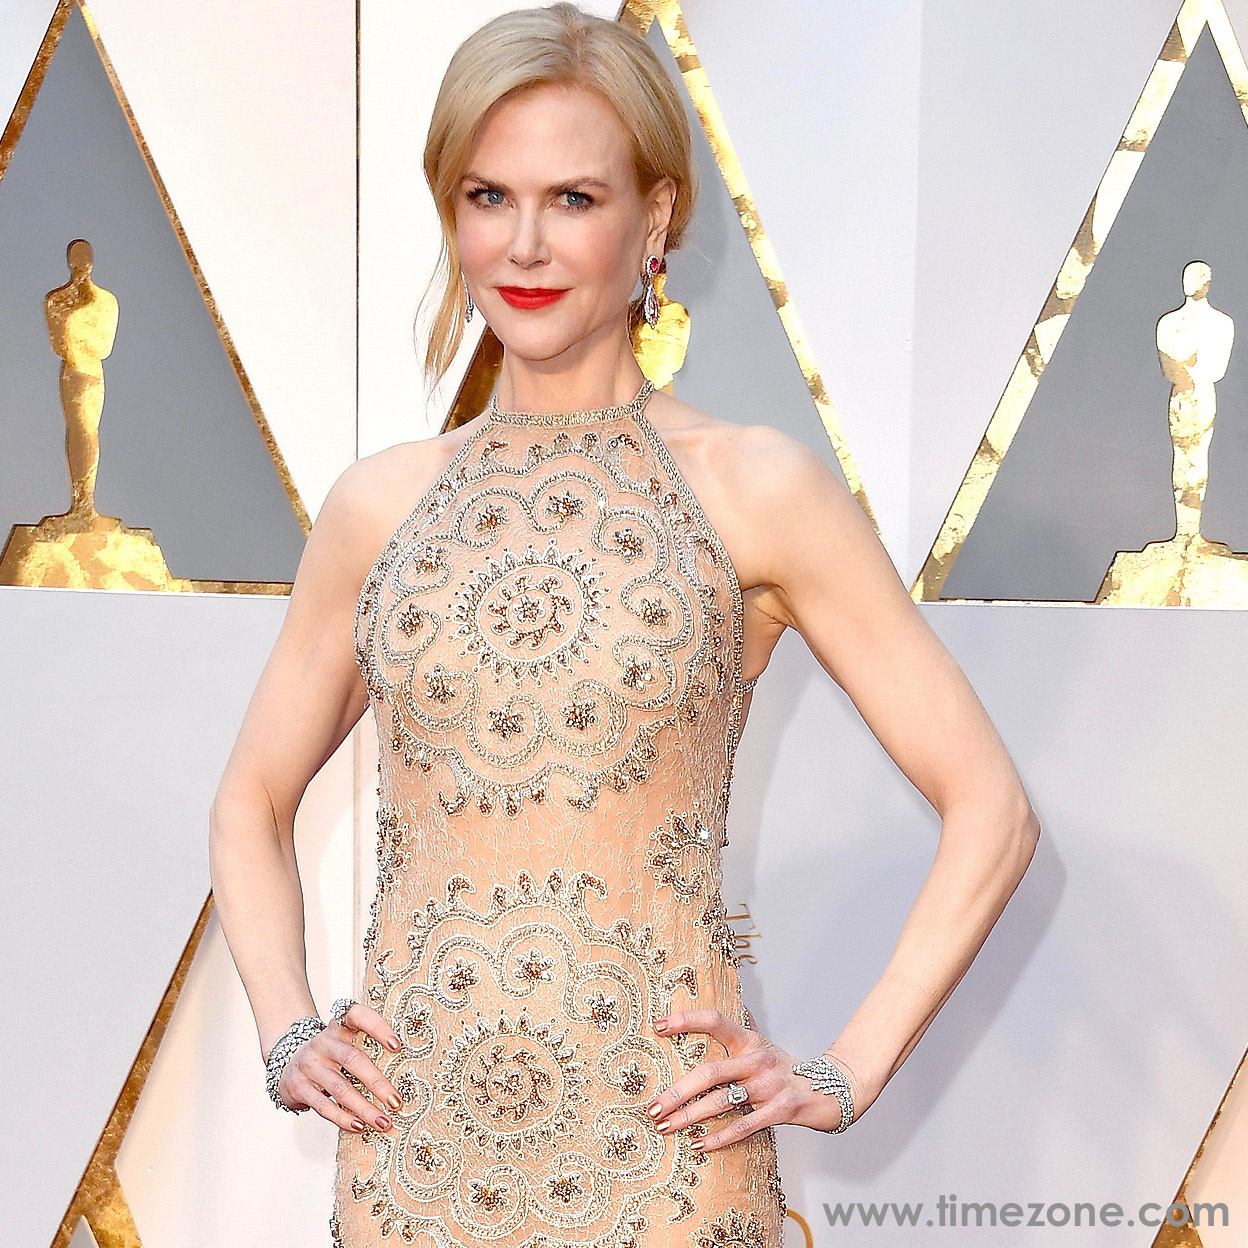 Nicole Kidman Omega, Oscars Omega,  Nicole Kidman vintage Omega,  vintage Omega Museum diamond watch